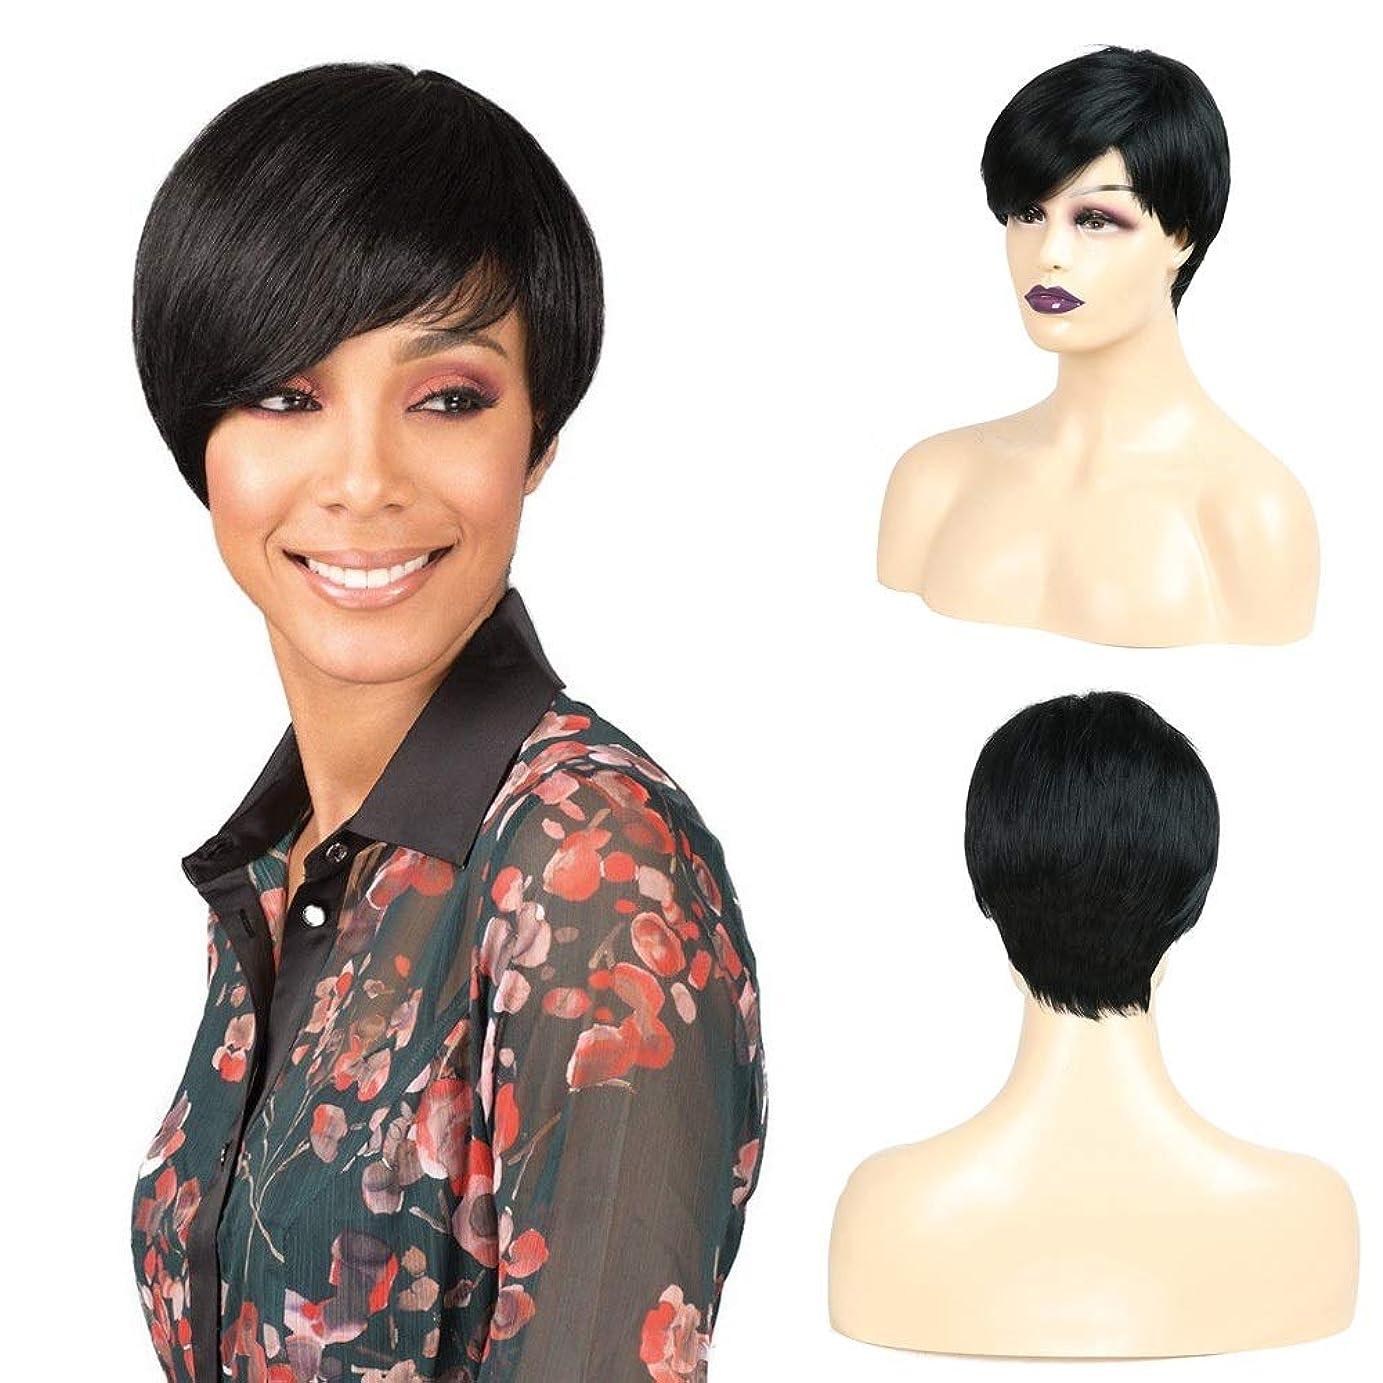 やりすぎピカリング申請者YESONEEP ヨーロッパとアメリカのファッションアフリカの黒人女性の斜め前髪付きショートヘアウィッグパーティーかつら (Color : ブラック)